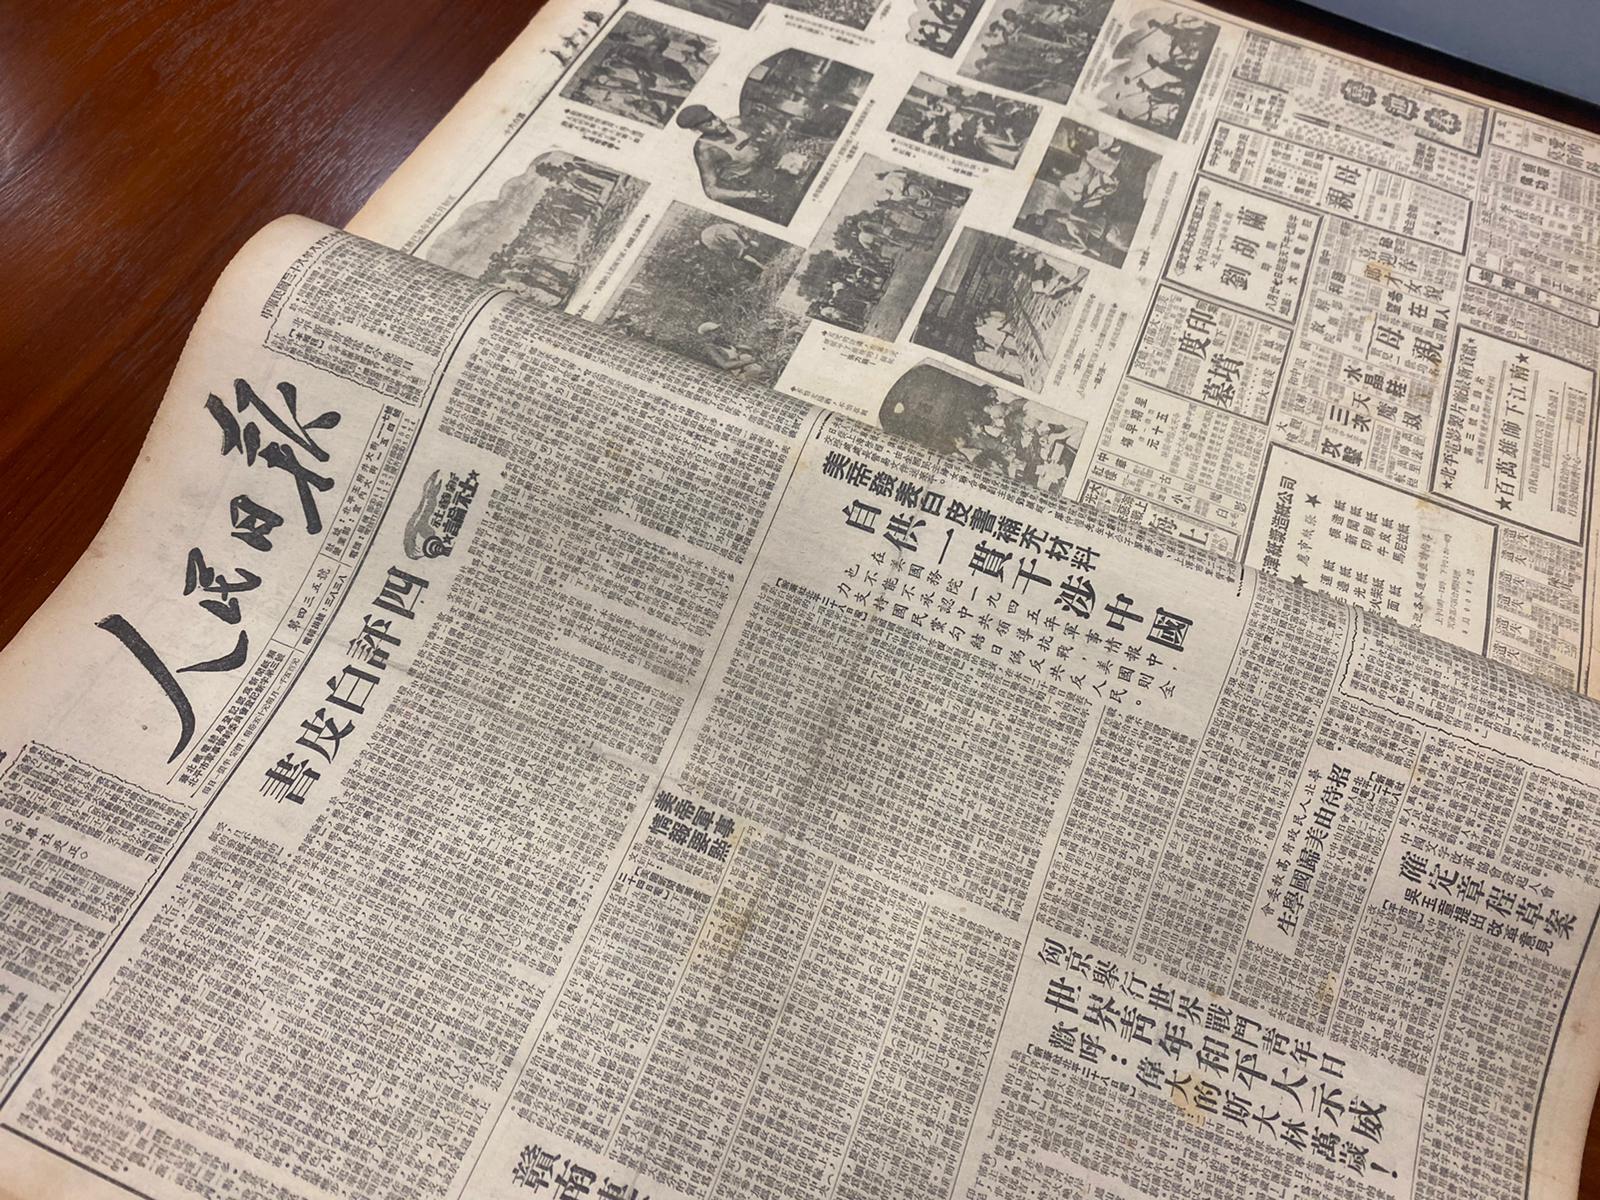 《人民日报》(1949年)为中大中国研究服务中心收藏之一。(李智智 摄)